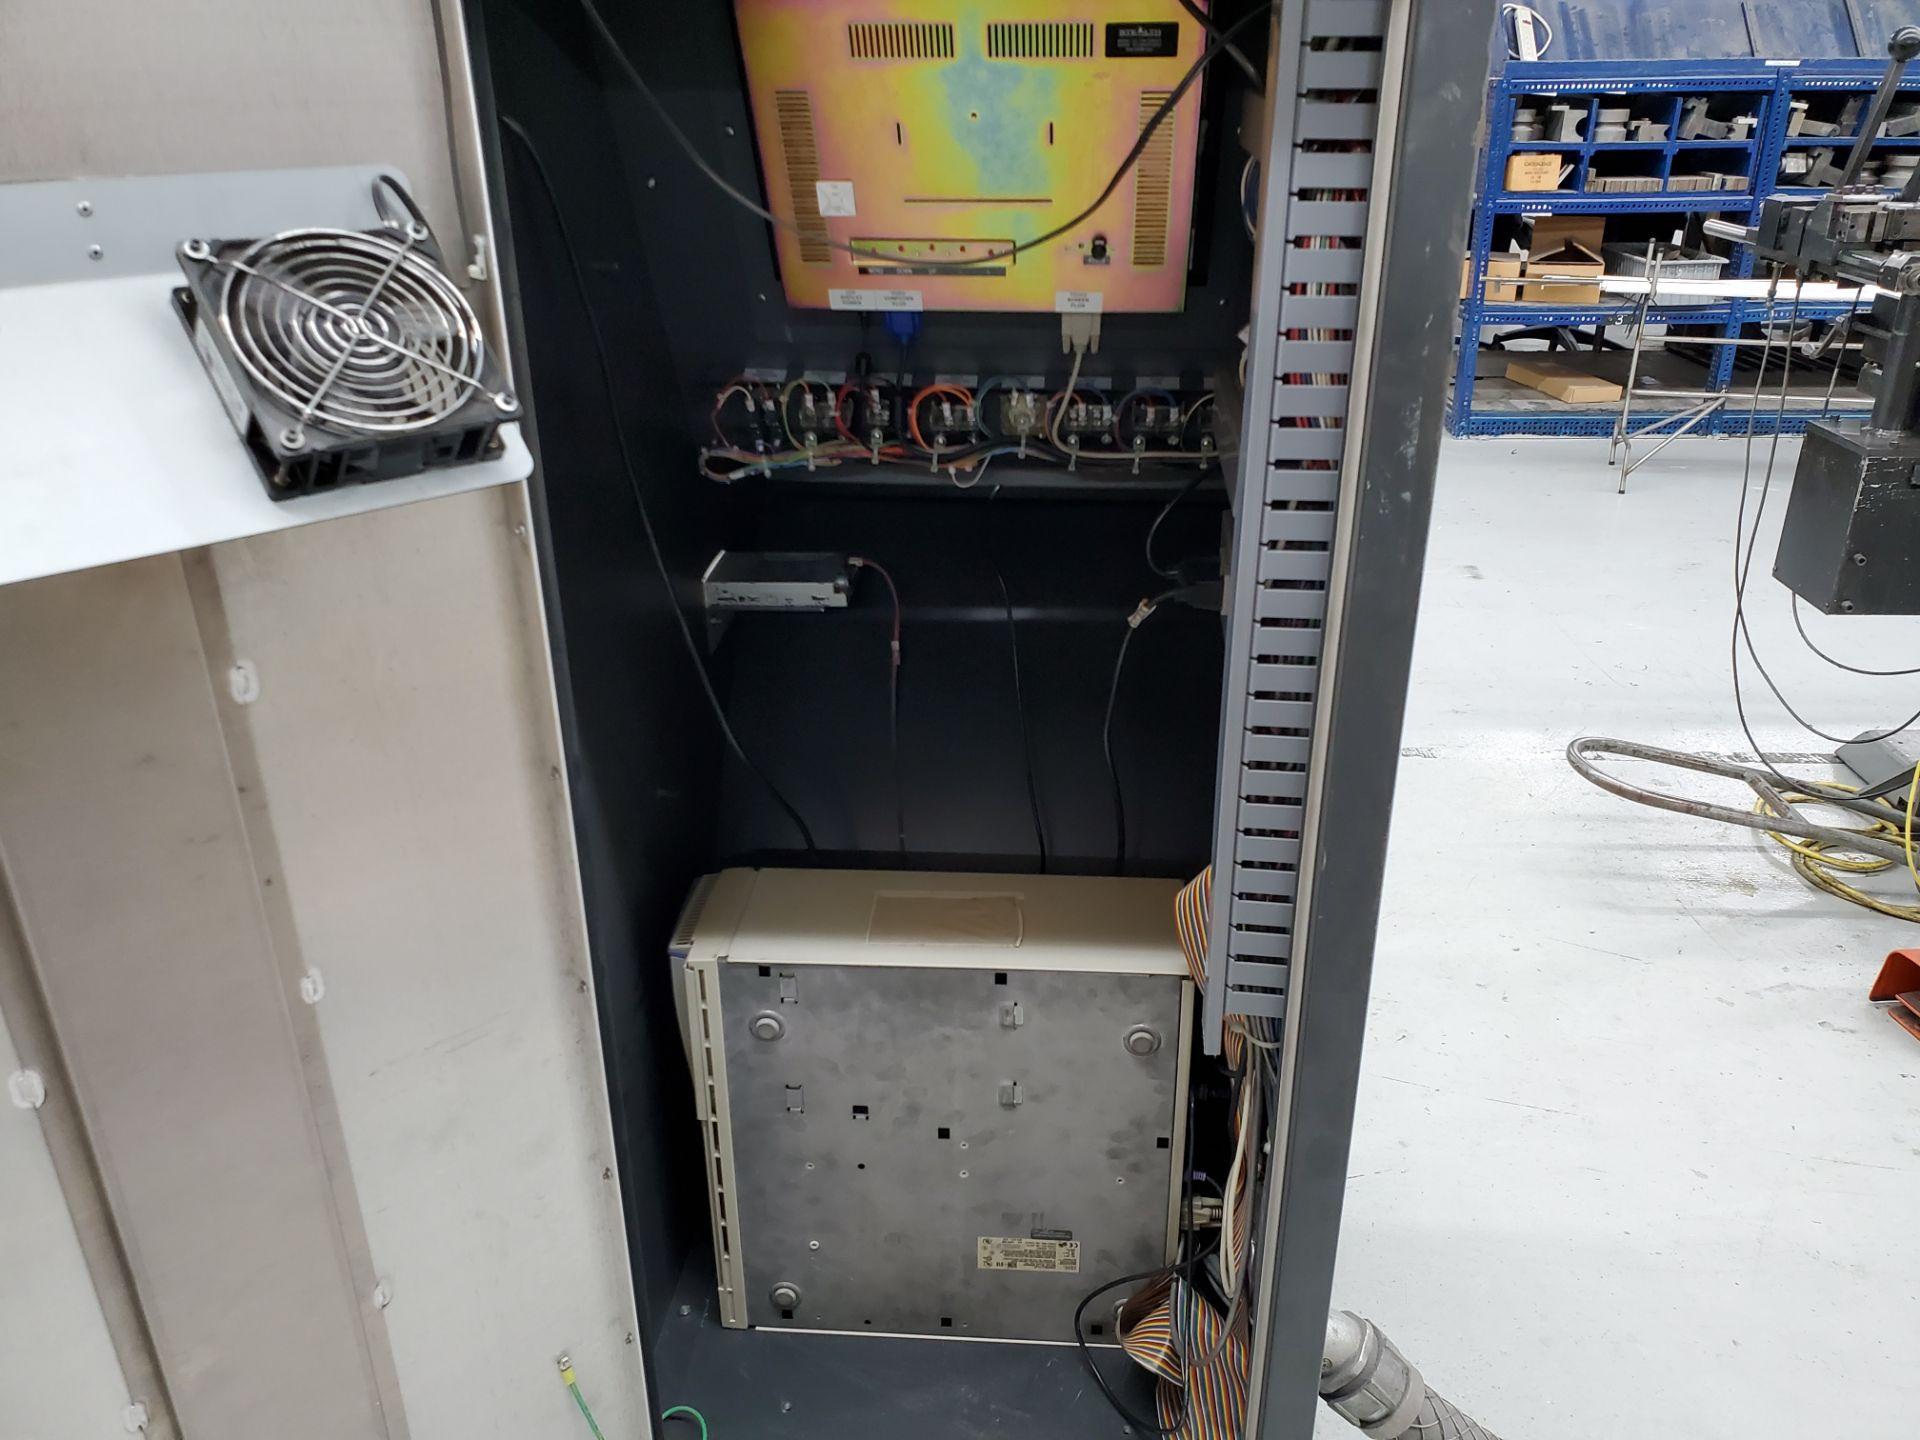 CNC Eaton Leonard Tube Bender Model VBCE25, S/N 25RH 8606761PC12/08, New 2008 - Image 17 of 18